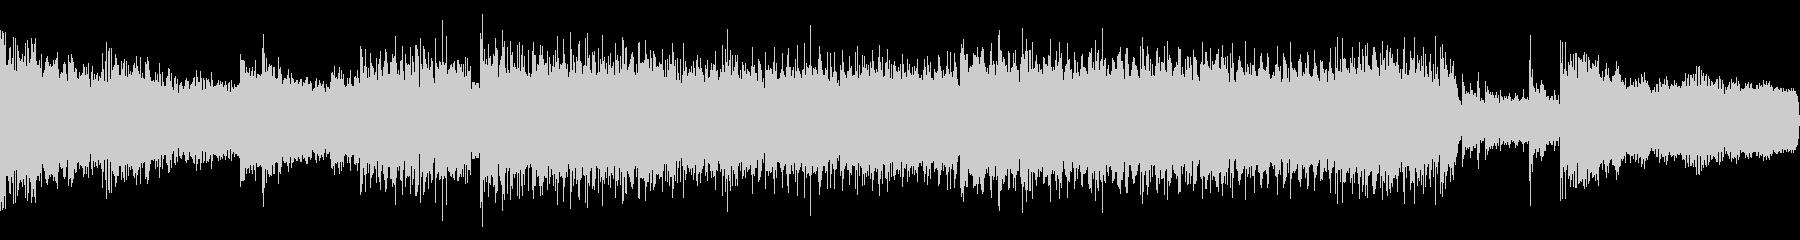 Duelist 30秒の未再生の波形